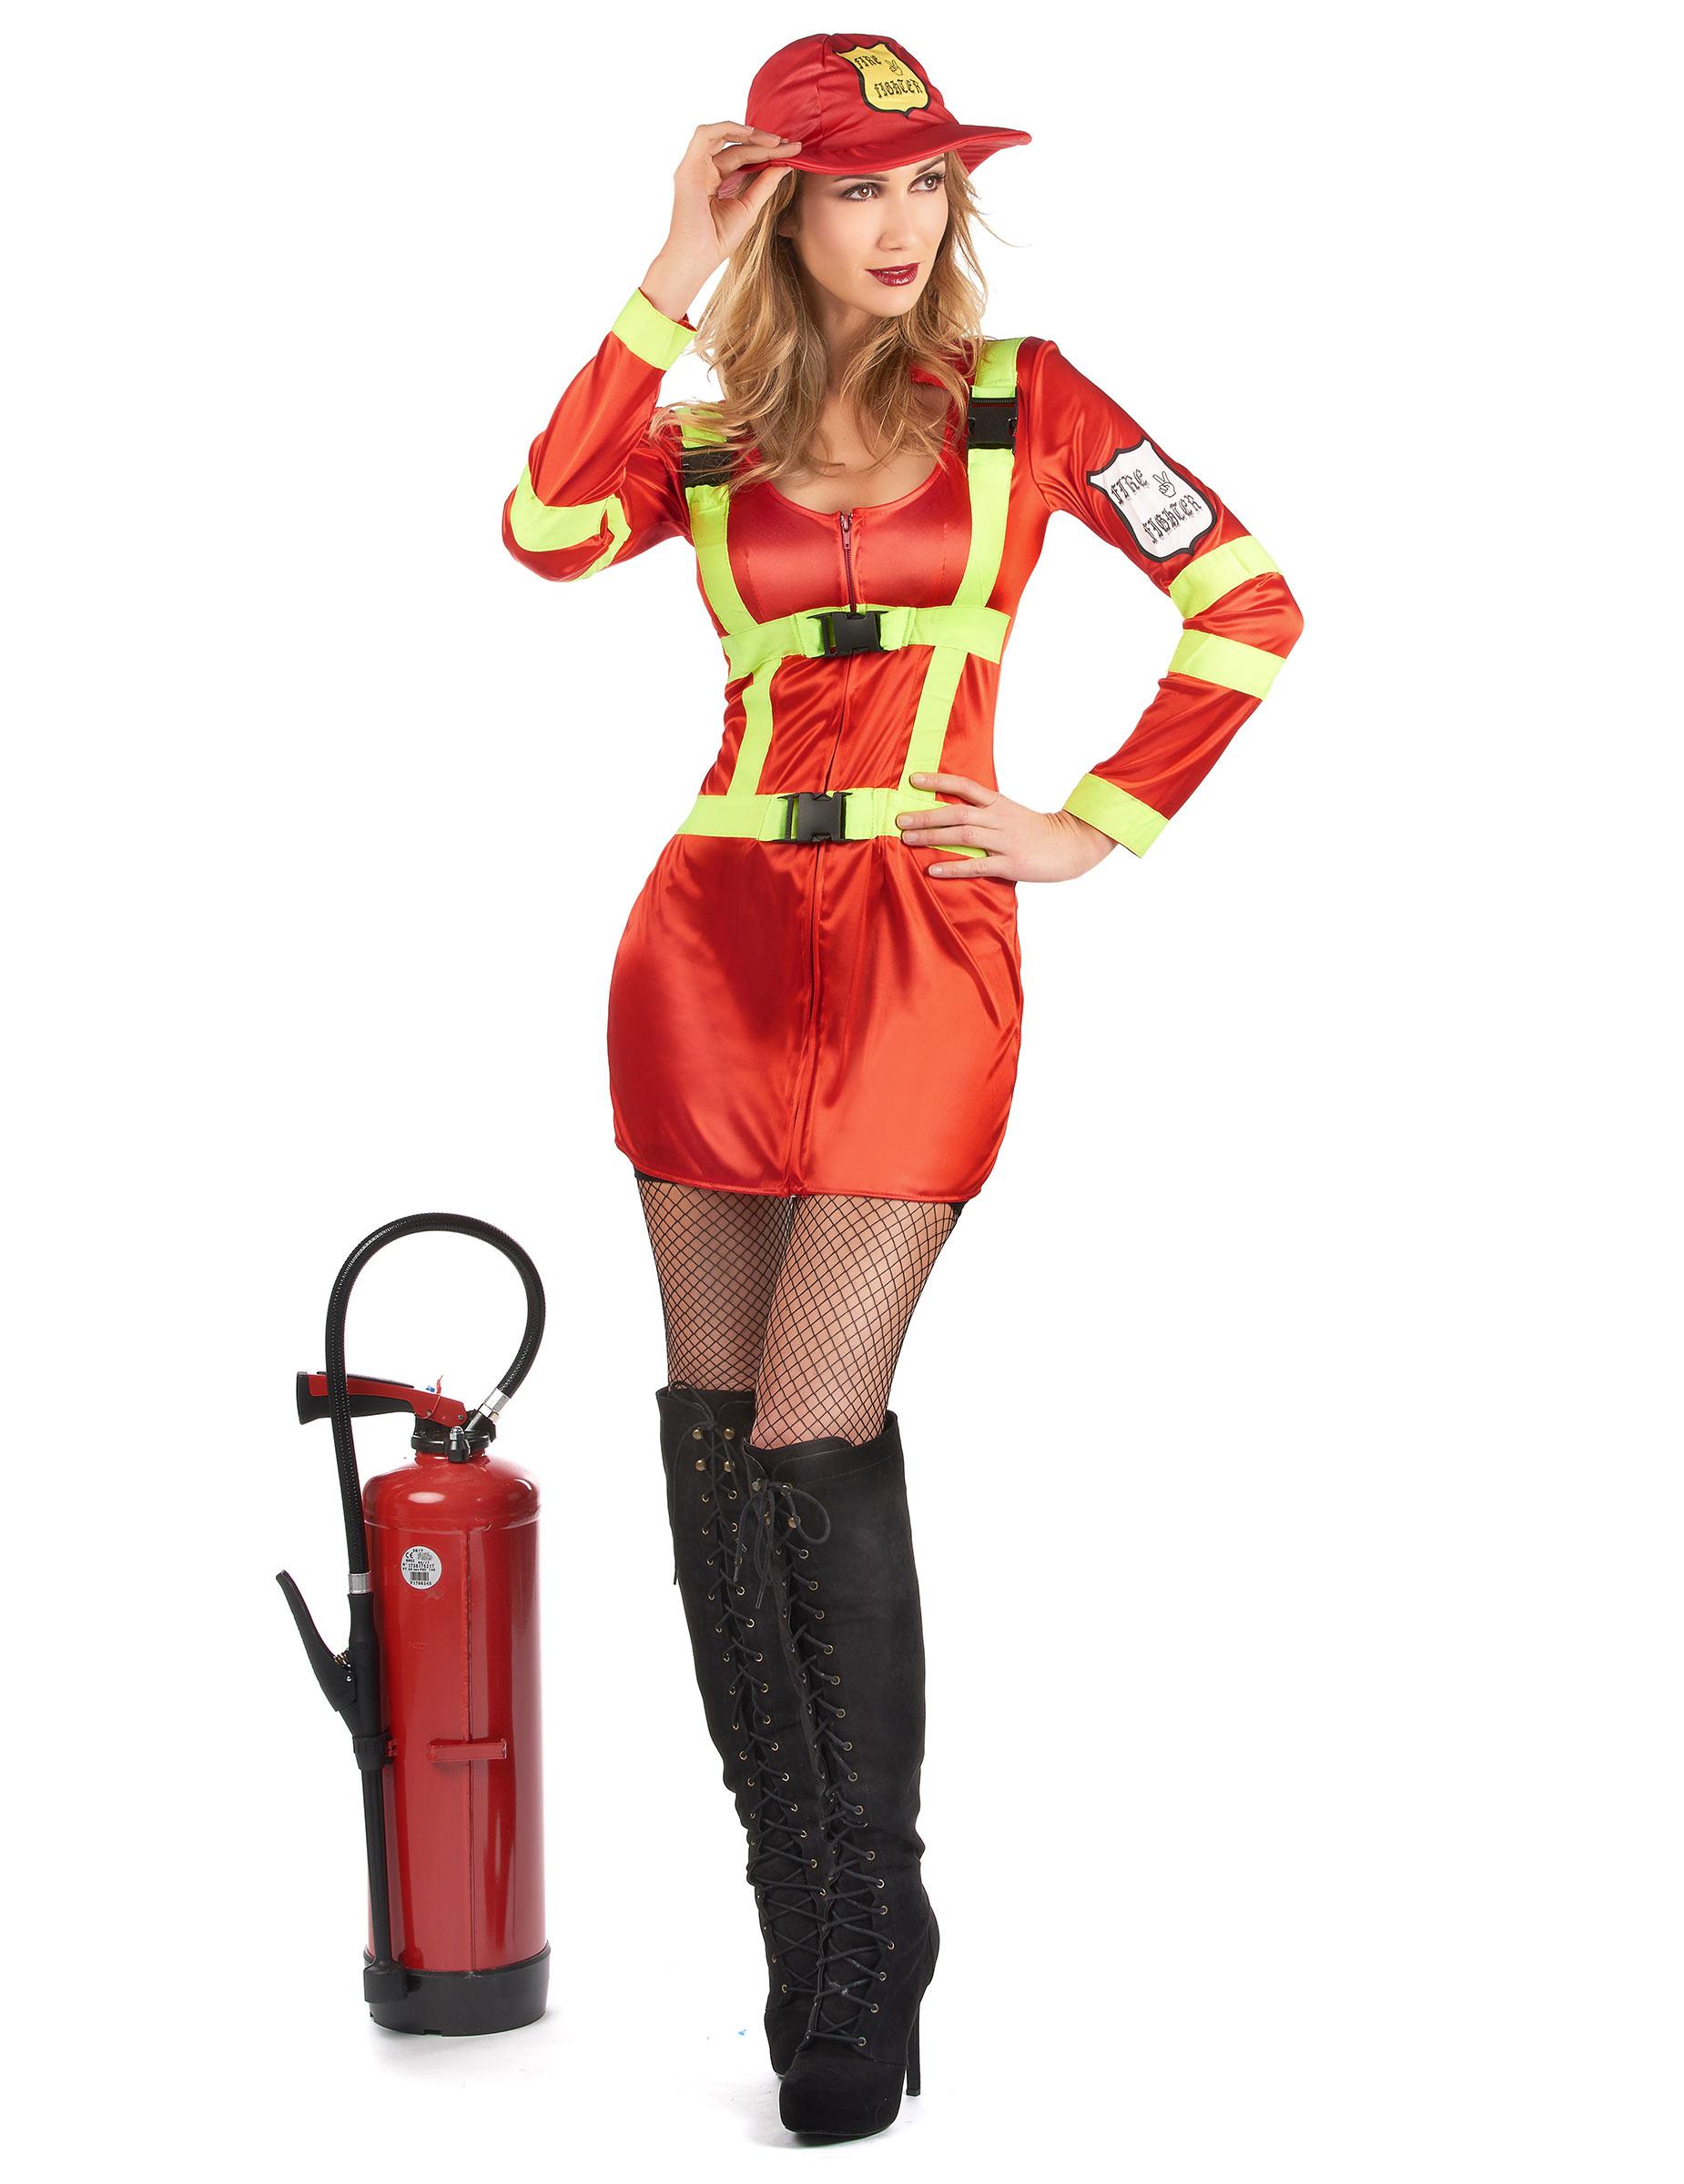 fe1b0d62f0e06f Feuerwehr-Kostüm für Frauen: Kostüme für Erwachsene,und günstige ...